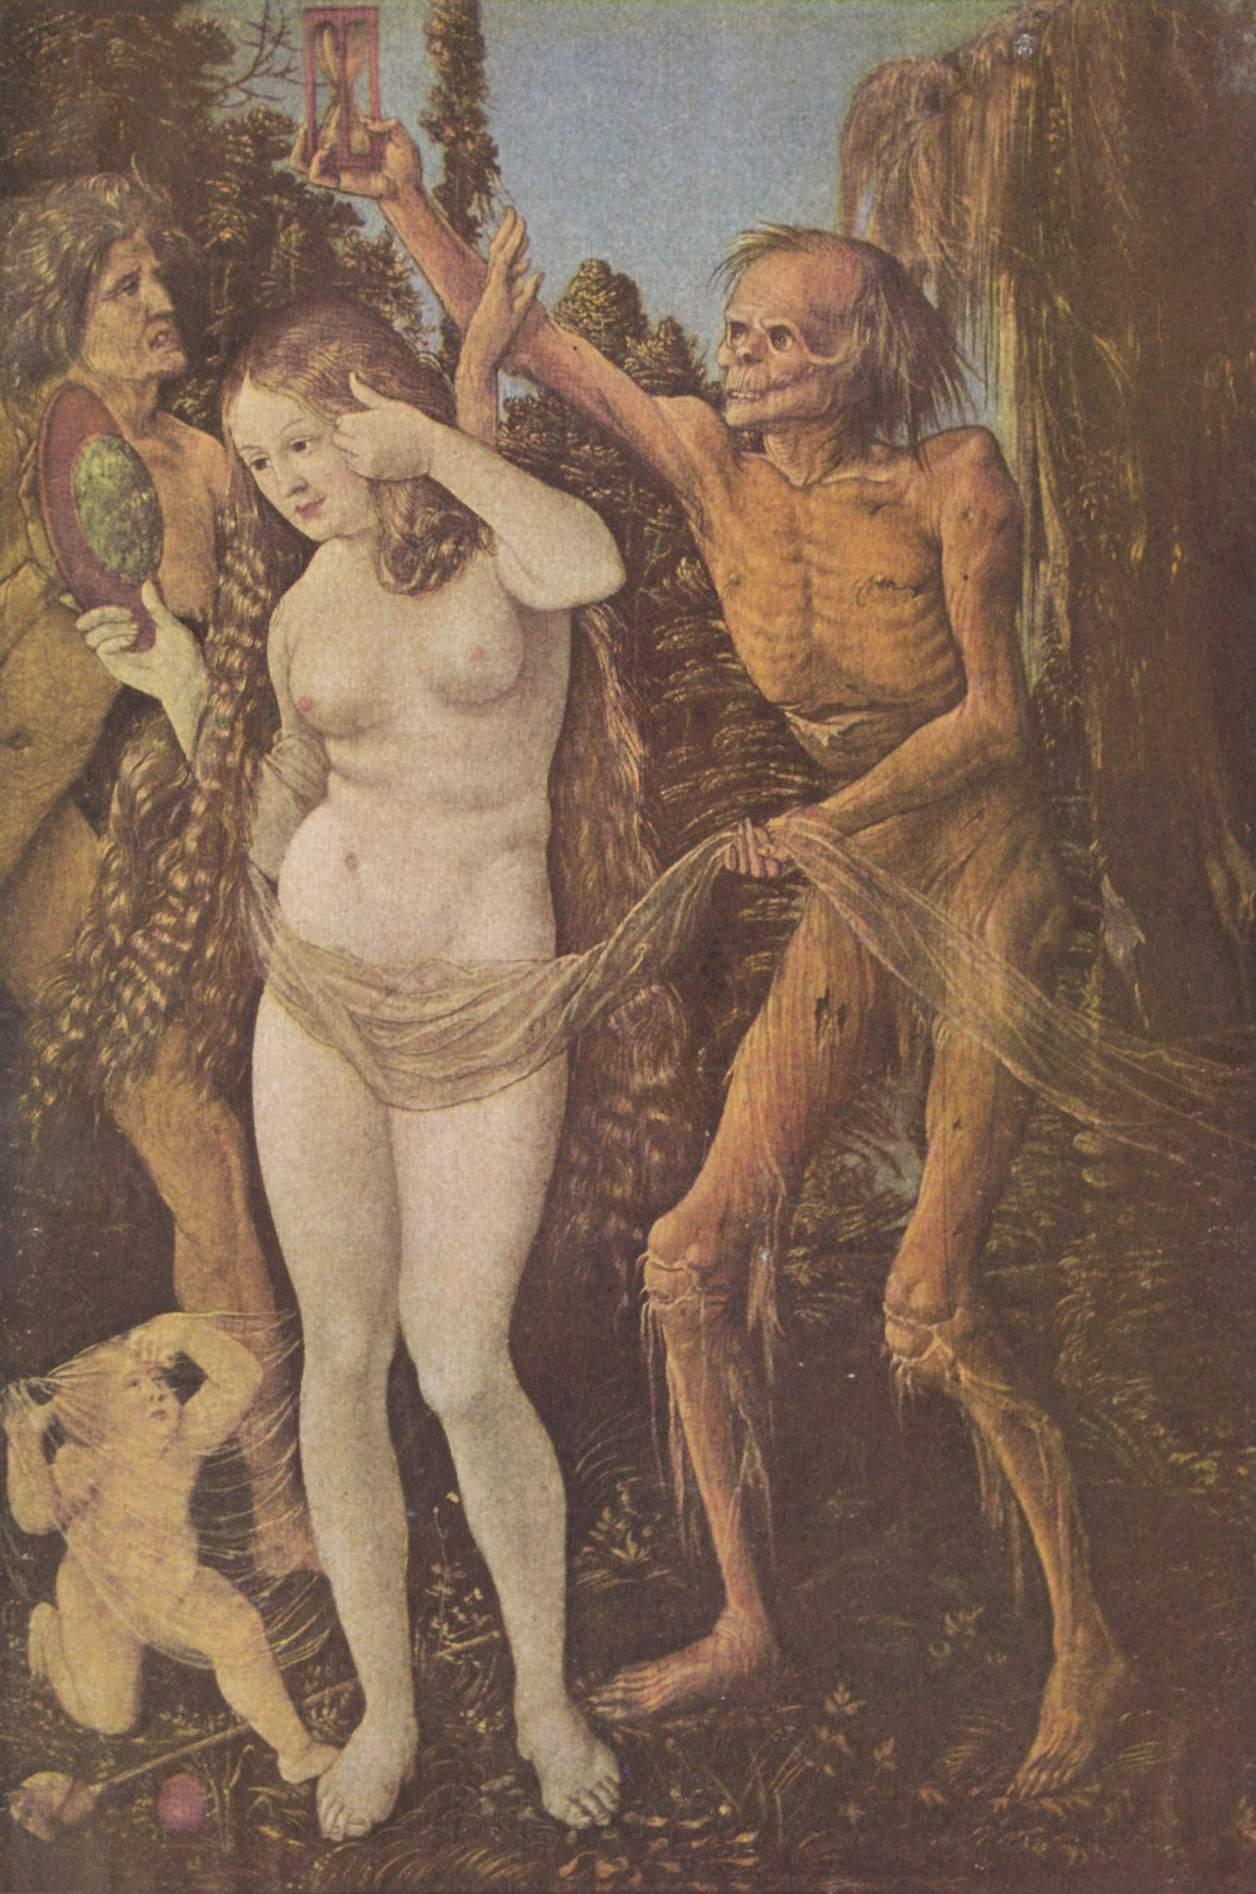 Une femme nue, blonde, aux cheveux longs, s'admire dans un miroir. A ses pieds, un enfant s'est pris dans un voile qui le relie à la femme ainsi qu'à un cadavre debout à droite. La mort tient au dessus de la tête de la femme un sablier, mais un homme nu dans la force de l'âge entre par la gauche dans l'image et écarte le bras de la mort pour protéger la femme. Le tout a lieu dans un paysage sauvage.